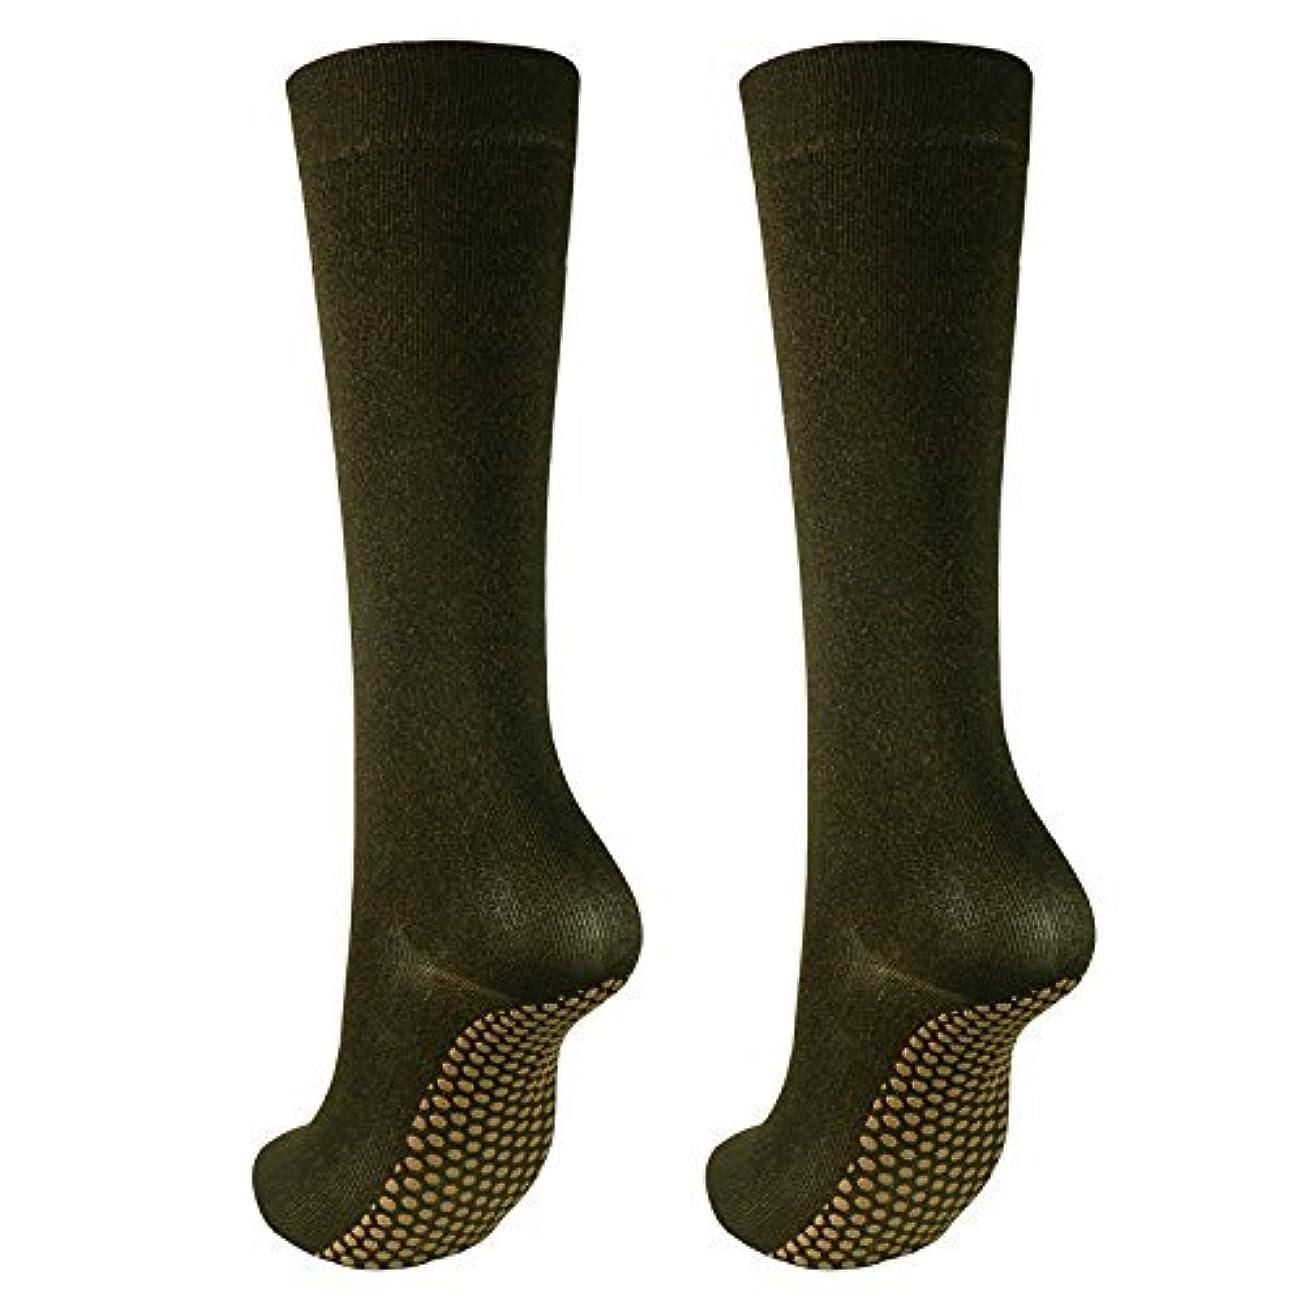 膨らみ摩擦単語銅繊維靴下「足もとはいつも青春」ハイソックスタイプ2足セット?静電気対策にも